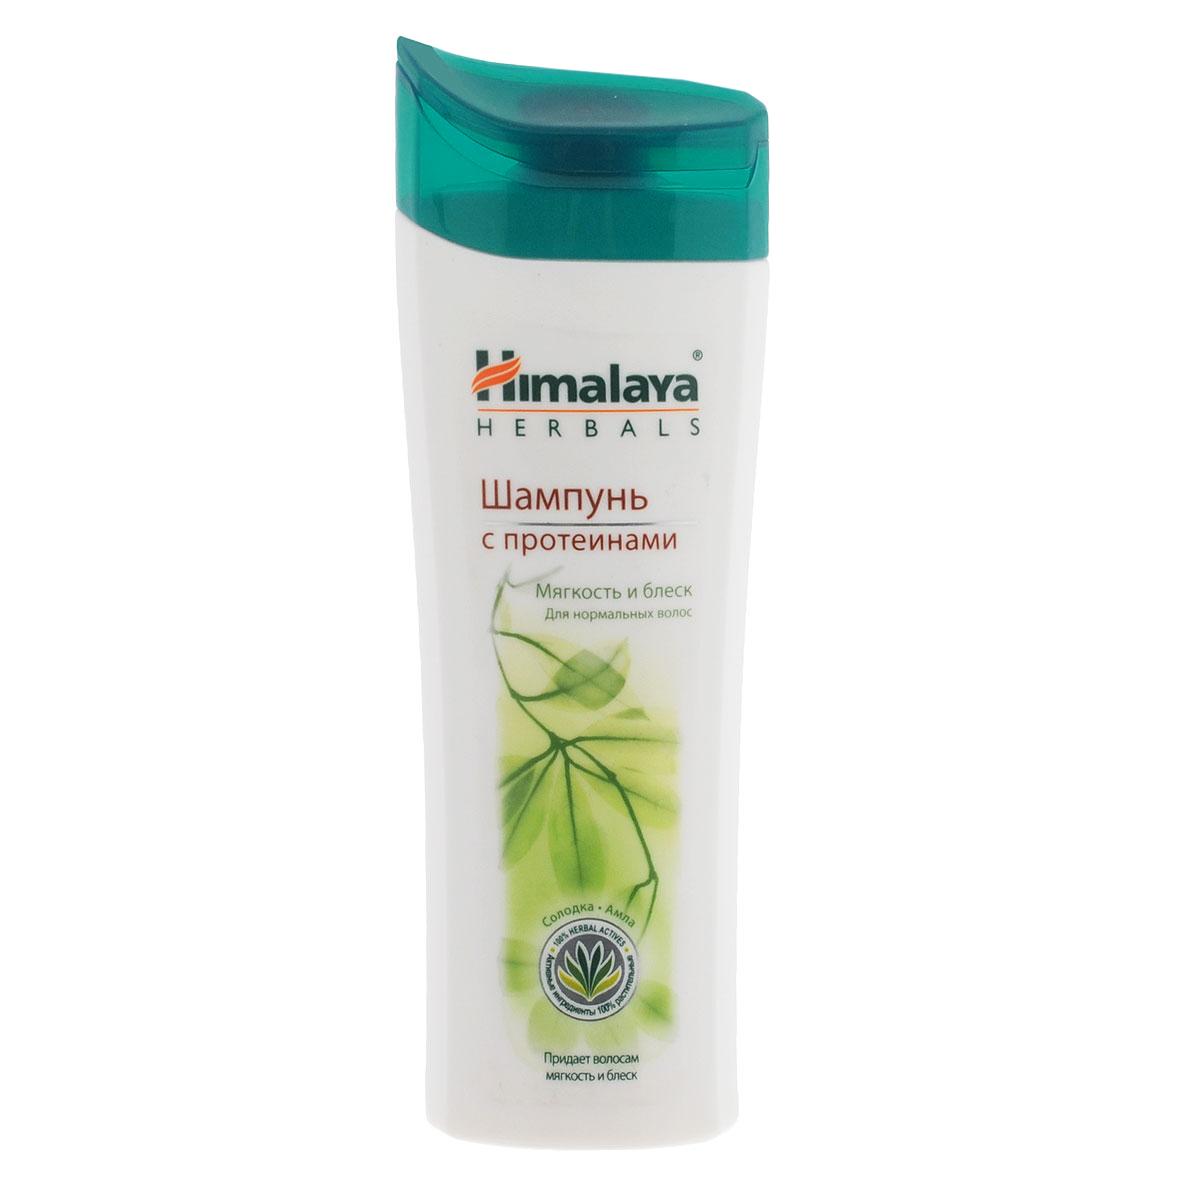 """Himalaya Herbals Шампунь для волос """"Мягкость и блеск"""", с протеинами, для нормальных волос, 200 мл"""